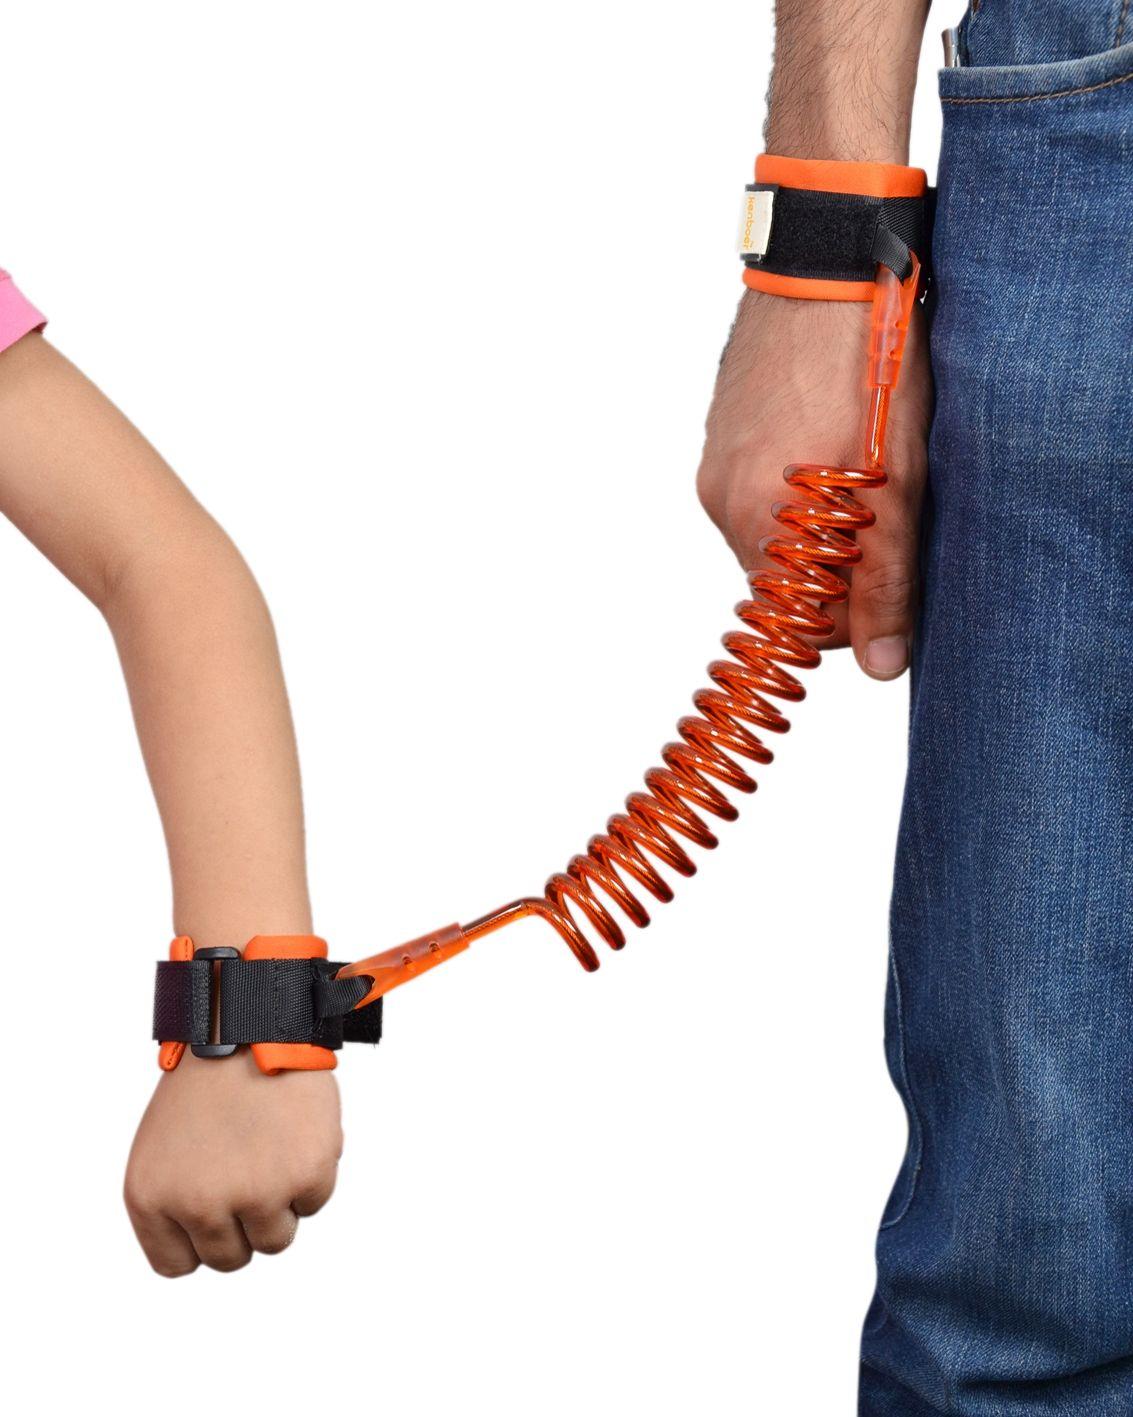 Generic Baby Safe Cuffs